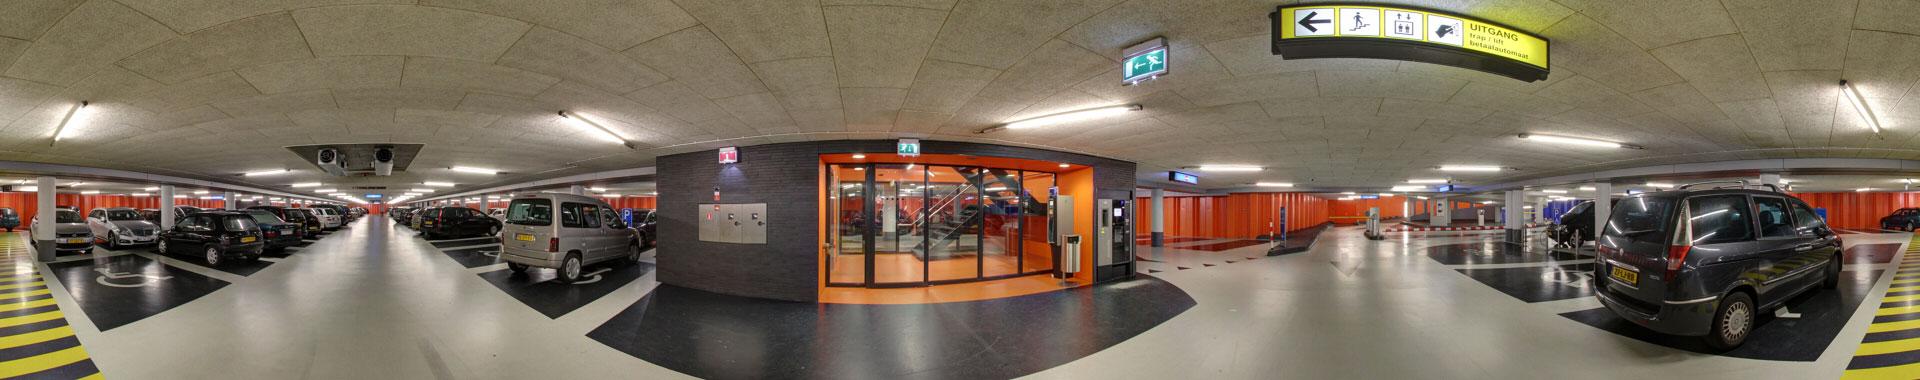 Super 360gradenfotopanorama.nl - Google Streetview   Trusted voor bedrijven DD-27